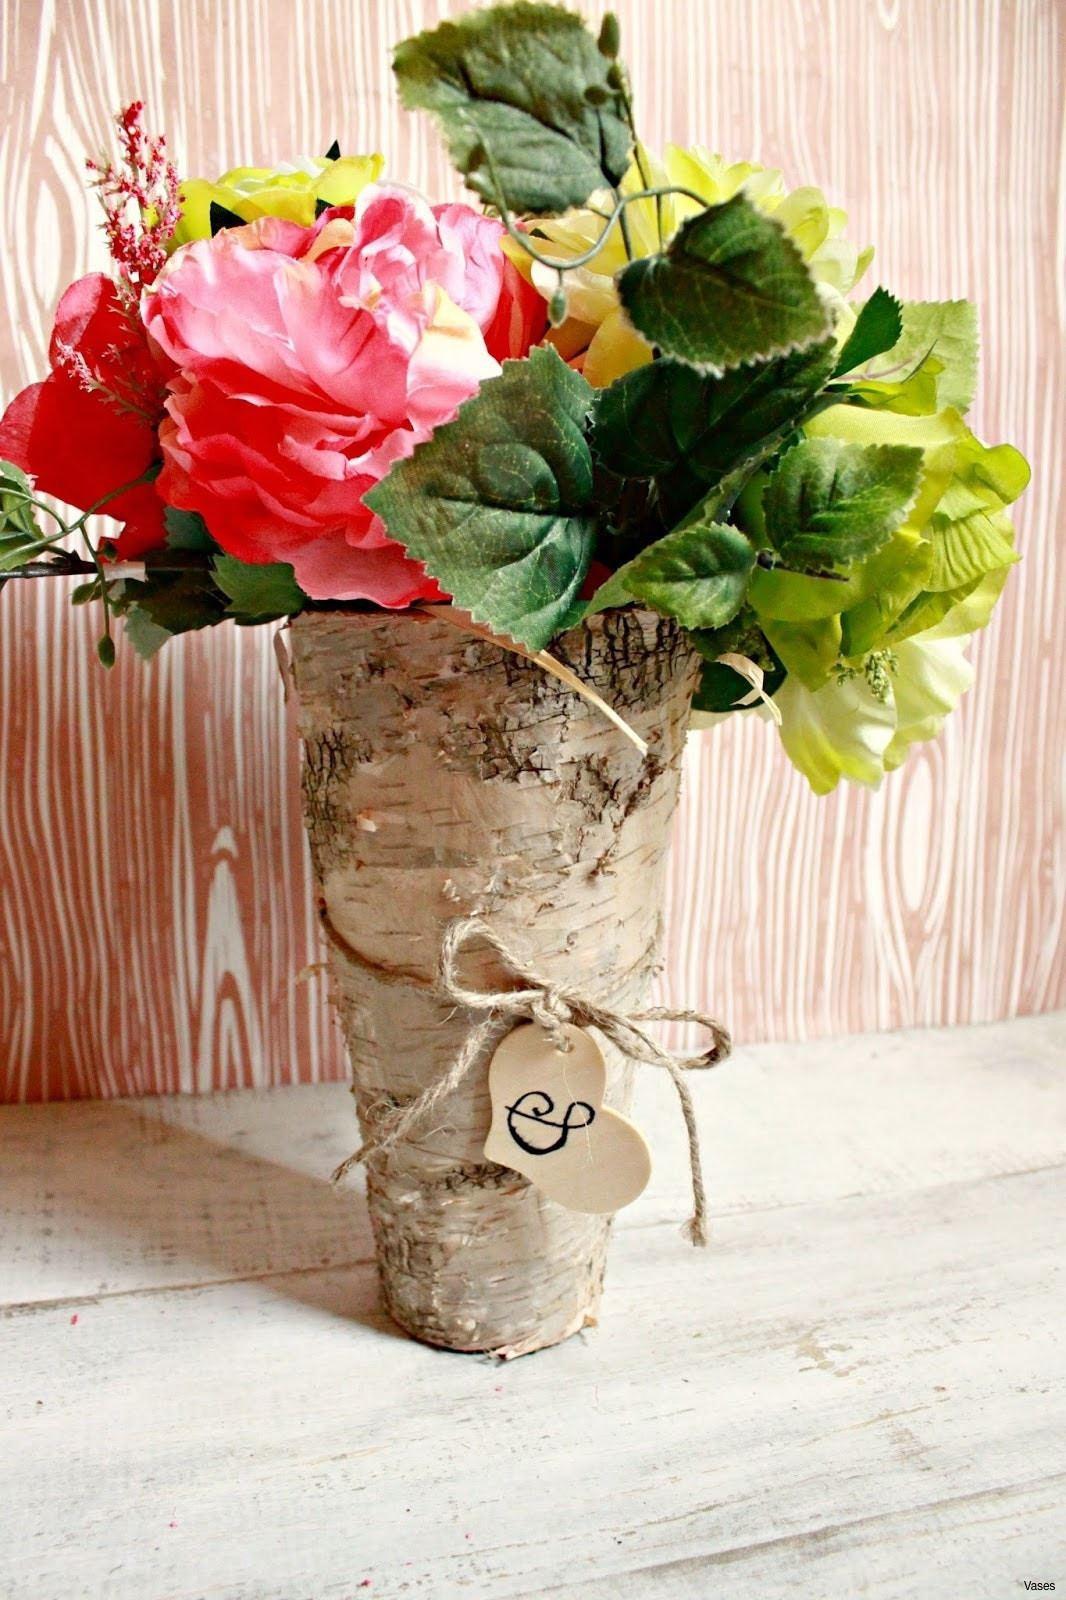 wooden vase base of fresh flowers for wedding h vases diy wood vase i 0d base turntable in fresh flowers for wedding h vases diy wood vase i 0d base turntable ideas of wooden halloween decorations